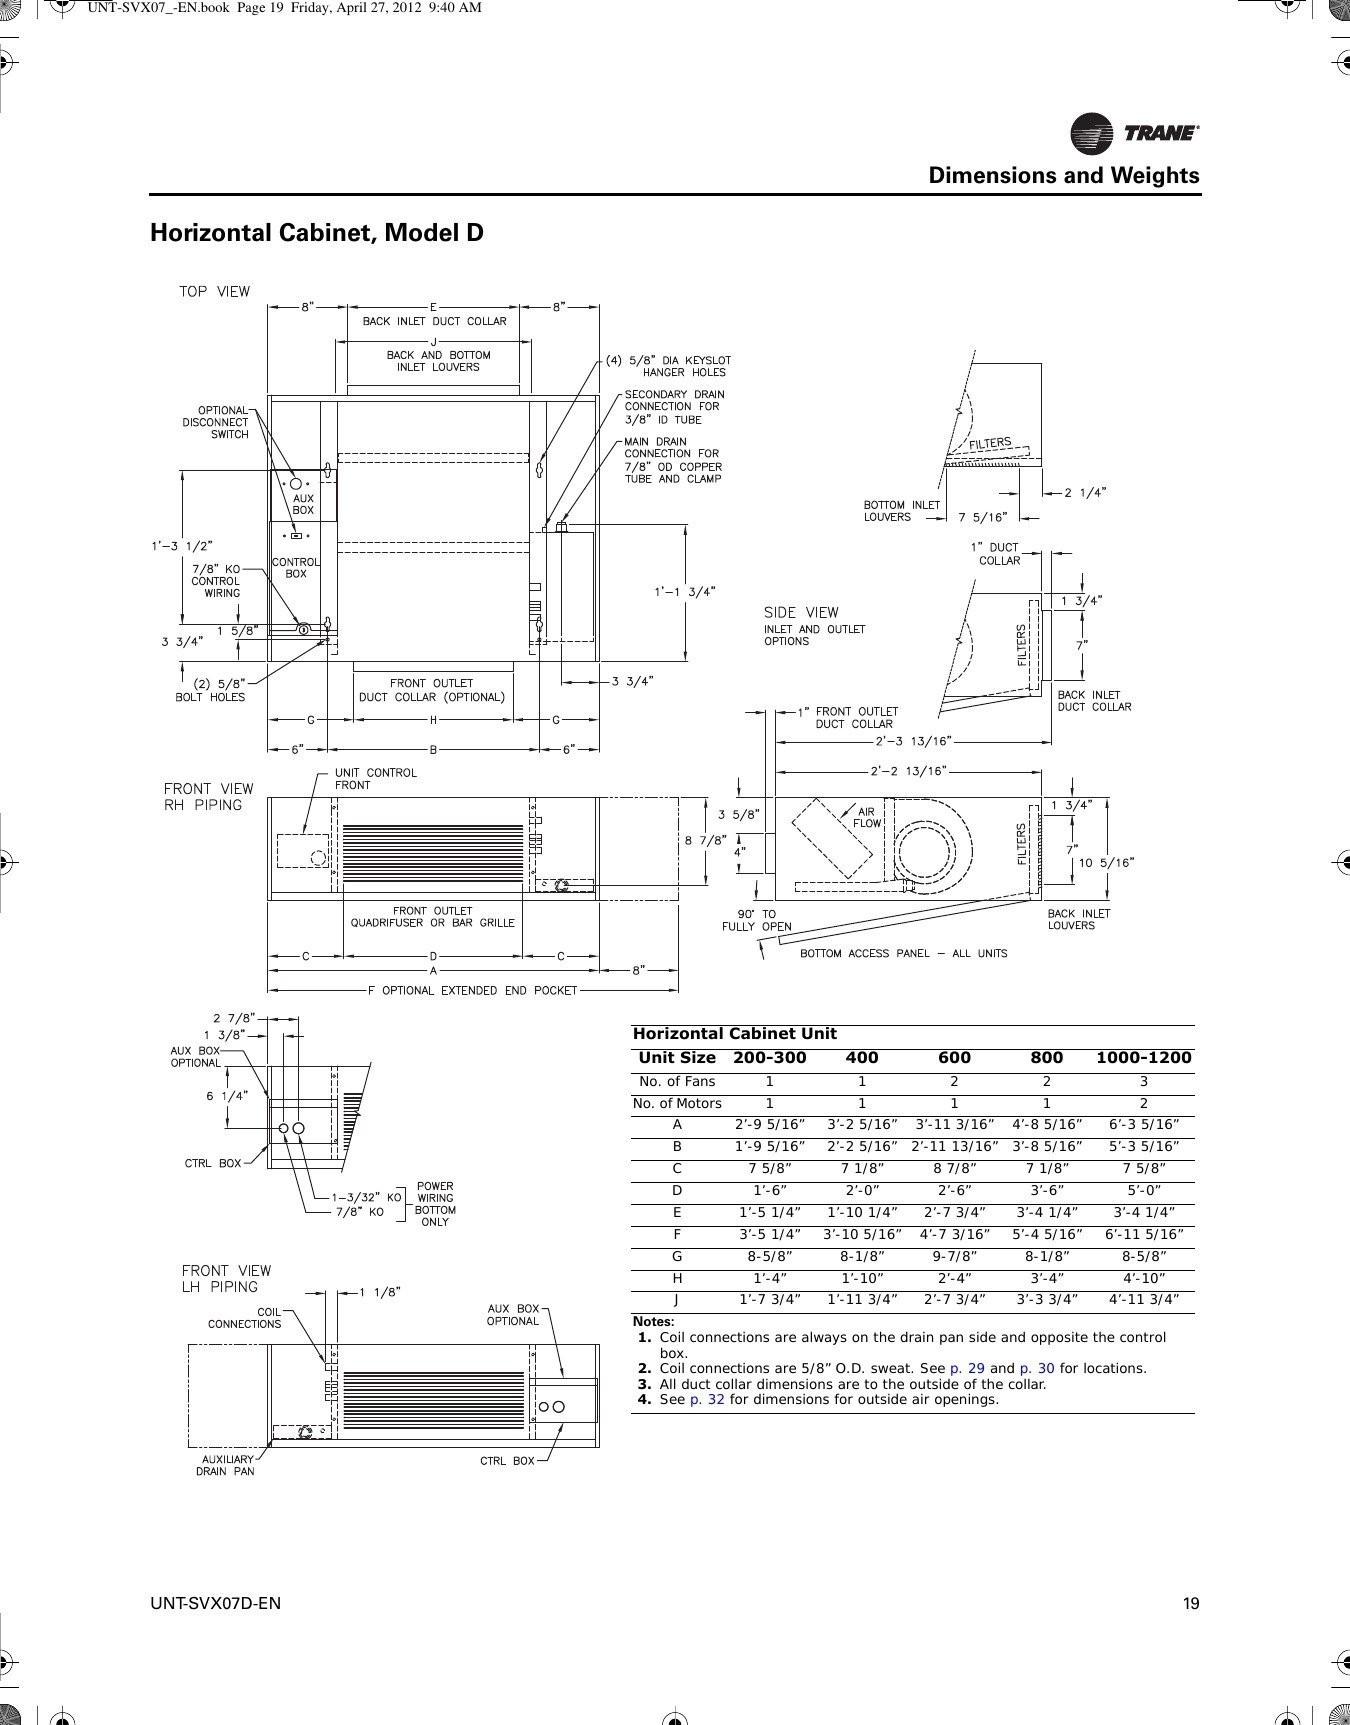 Furnace Blower Motor Wiring Diagram Wiring Diagram Hvac Blower Fresh Wiring Diagram Furnace Blower Motor Of Furnace Blower Motor Wiring Diagram